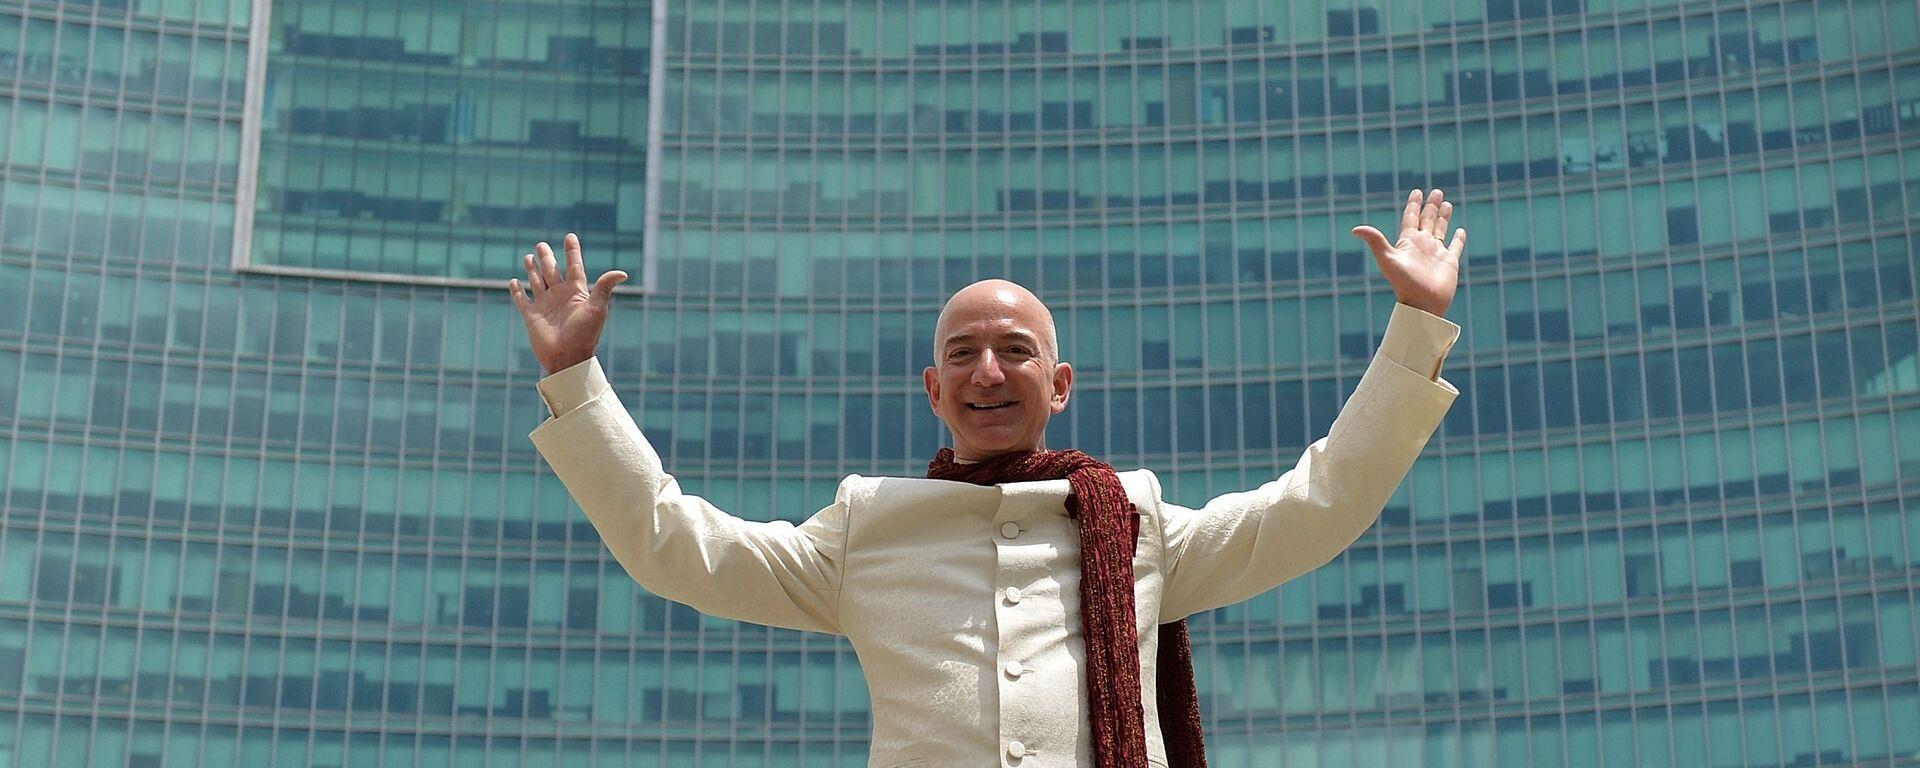 Šéf společnosti Amazon Jeff Bezos - Sputnik Česká republika, 1920, 29.05.2020